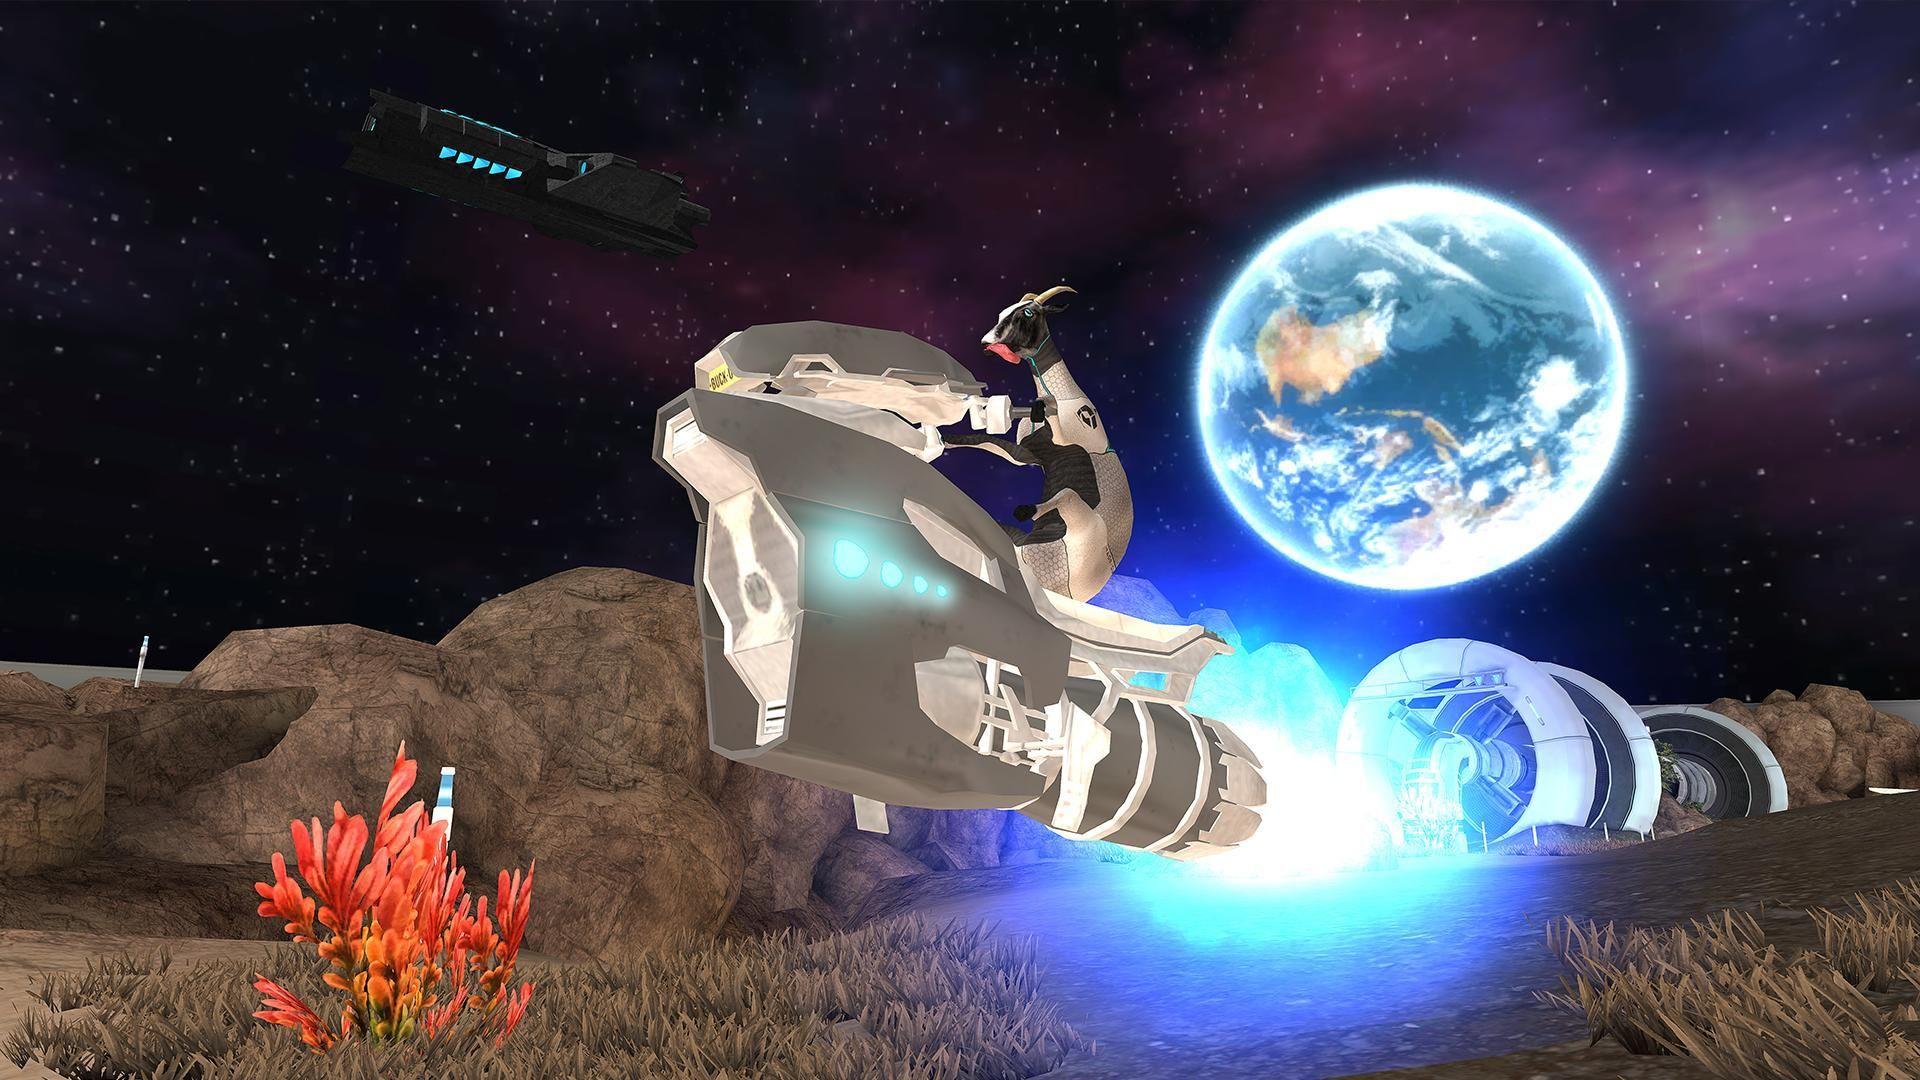 模拟山羊:太空废物 游戏截图1